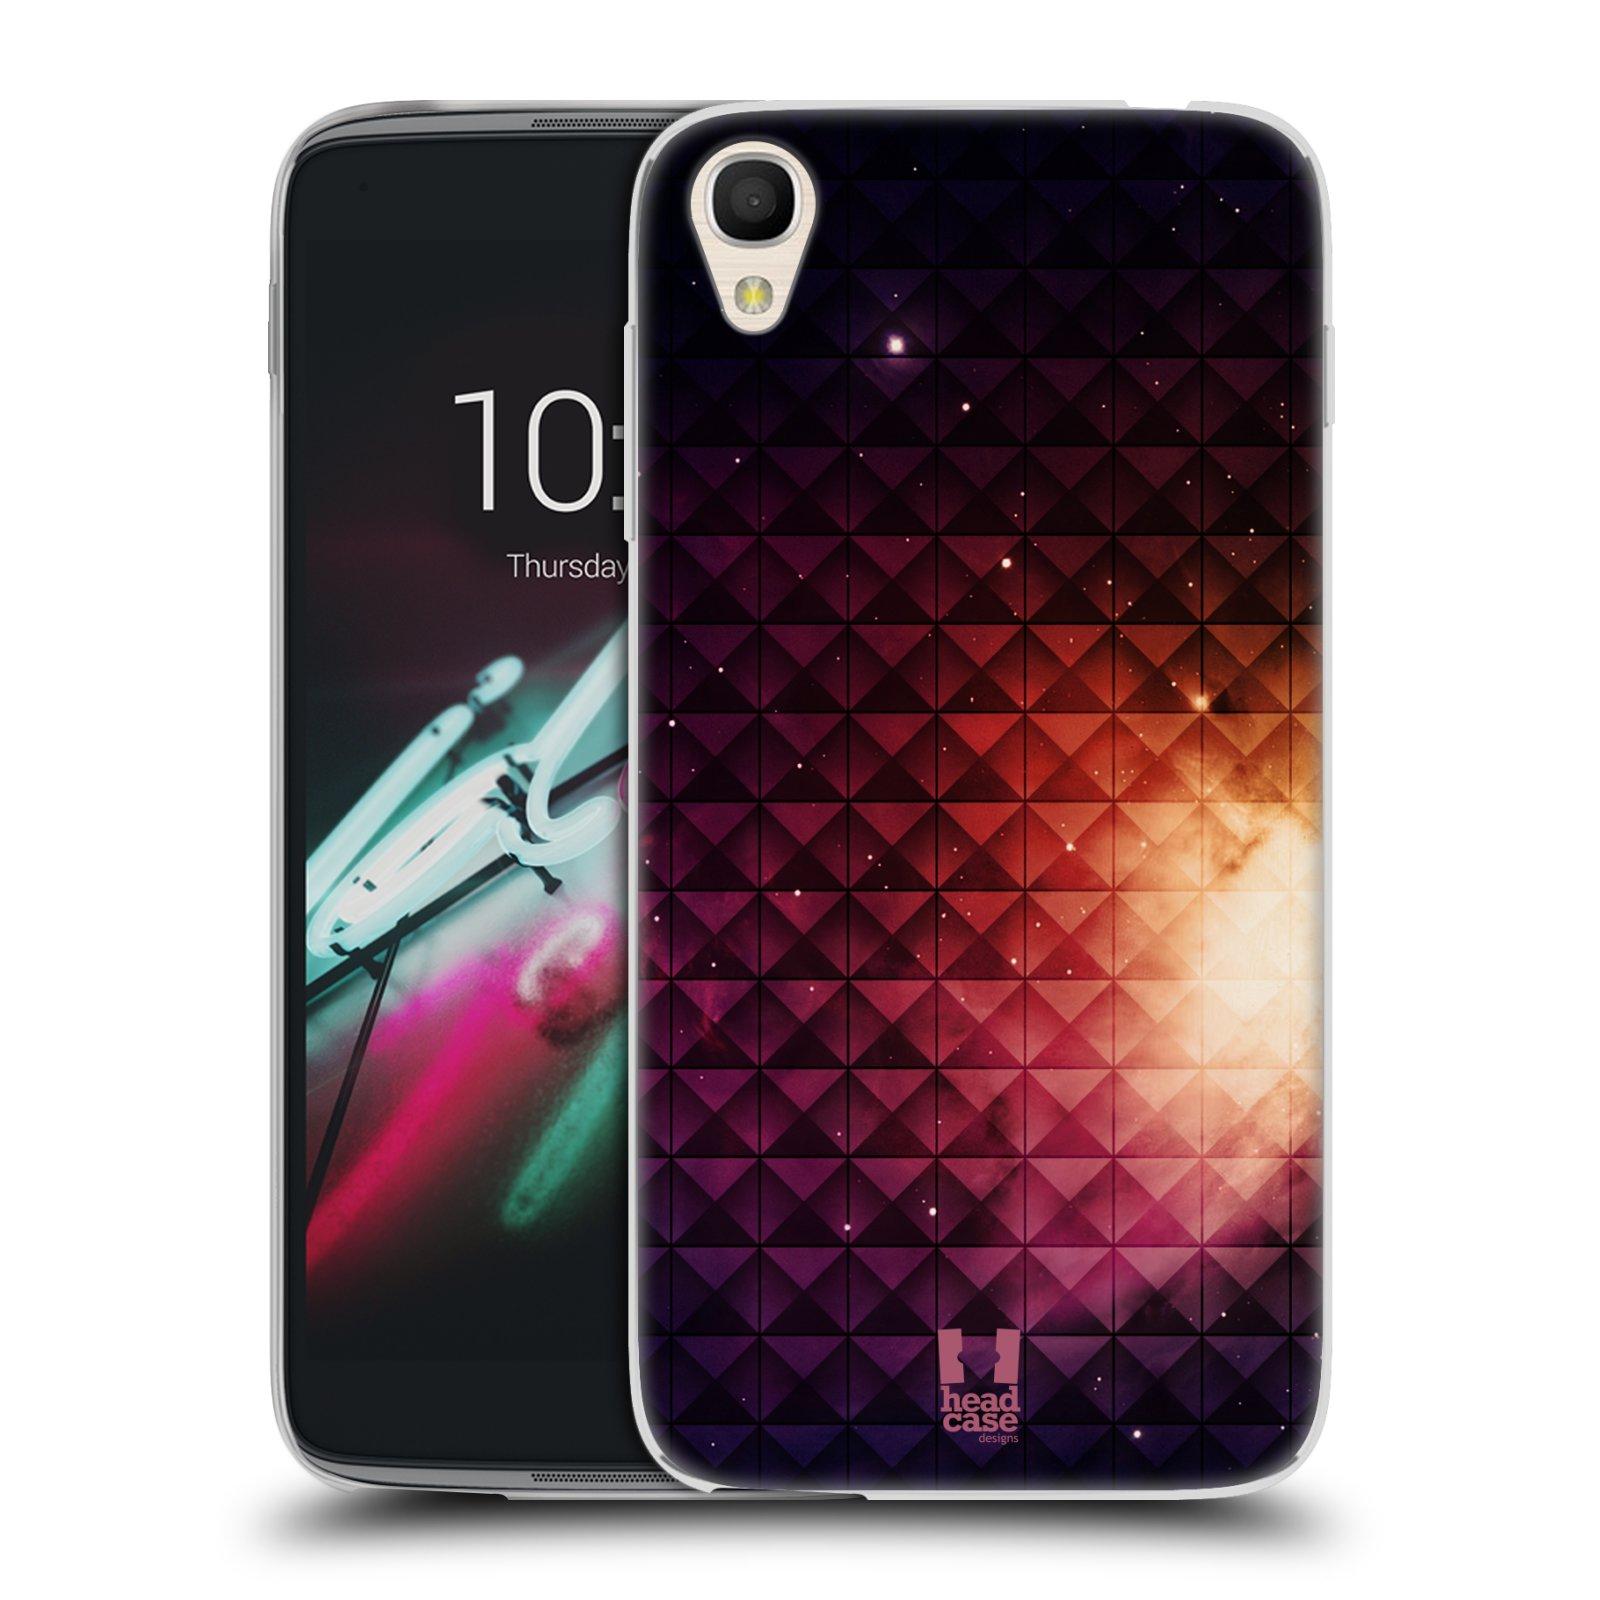 HEAD CASE silikonový obal na mobil Alcatel Idol 3 OT-6039Y (4.7) vzor Hvězdná obloha hvězdy a slunce ŽLUTÁ ZÁŘE